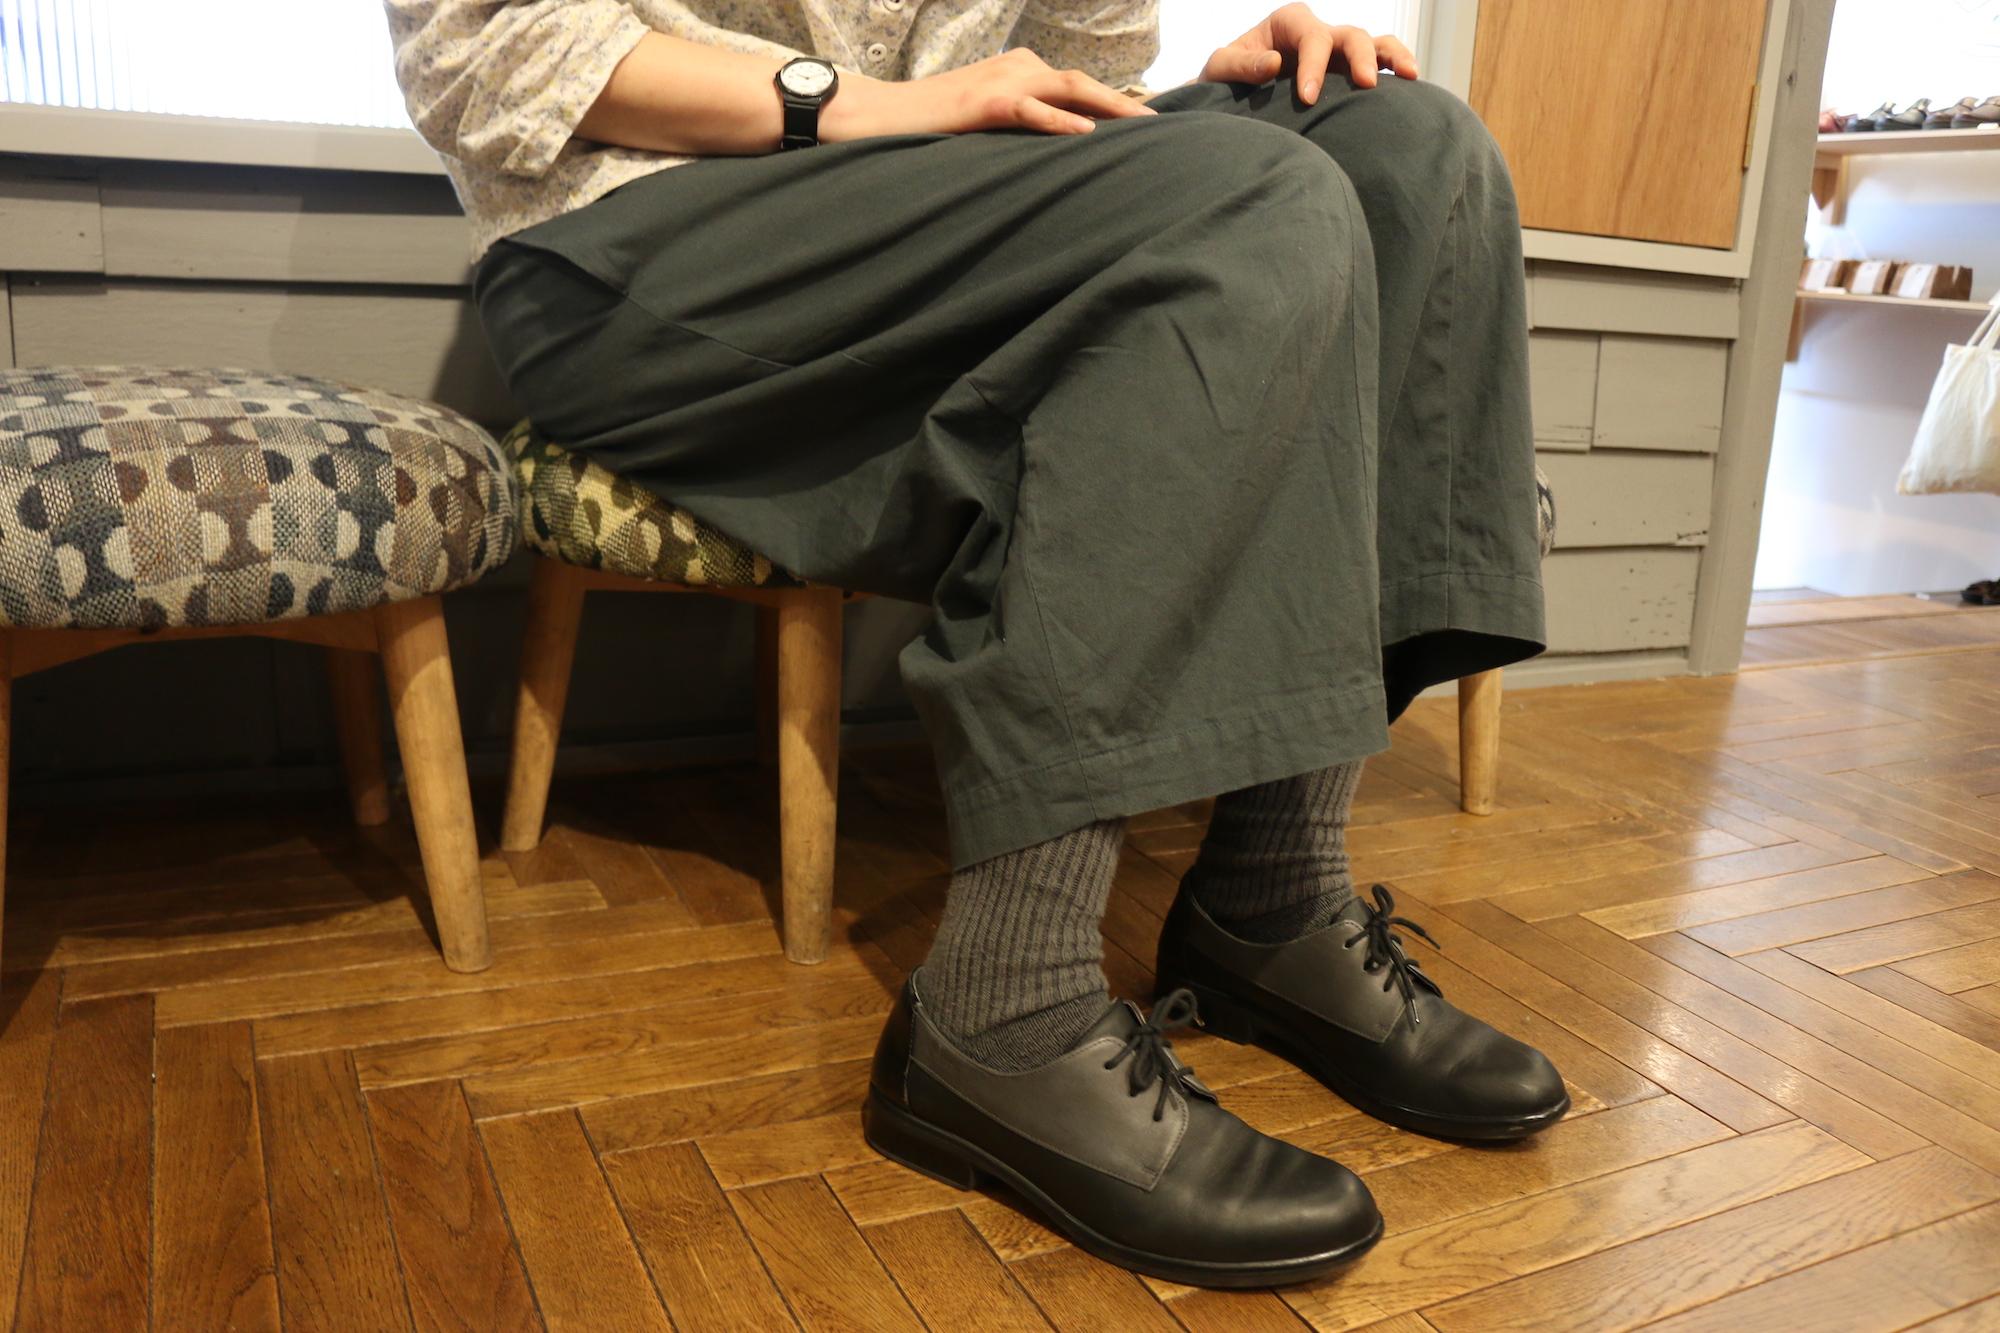 ec9a96a3fa57 靴の枠にとどまらず、彼女自身がどのような変化をし続けているのか、 たっぷりと話してもらいました。ぜひ、ご一読くださいませ! ———————————